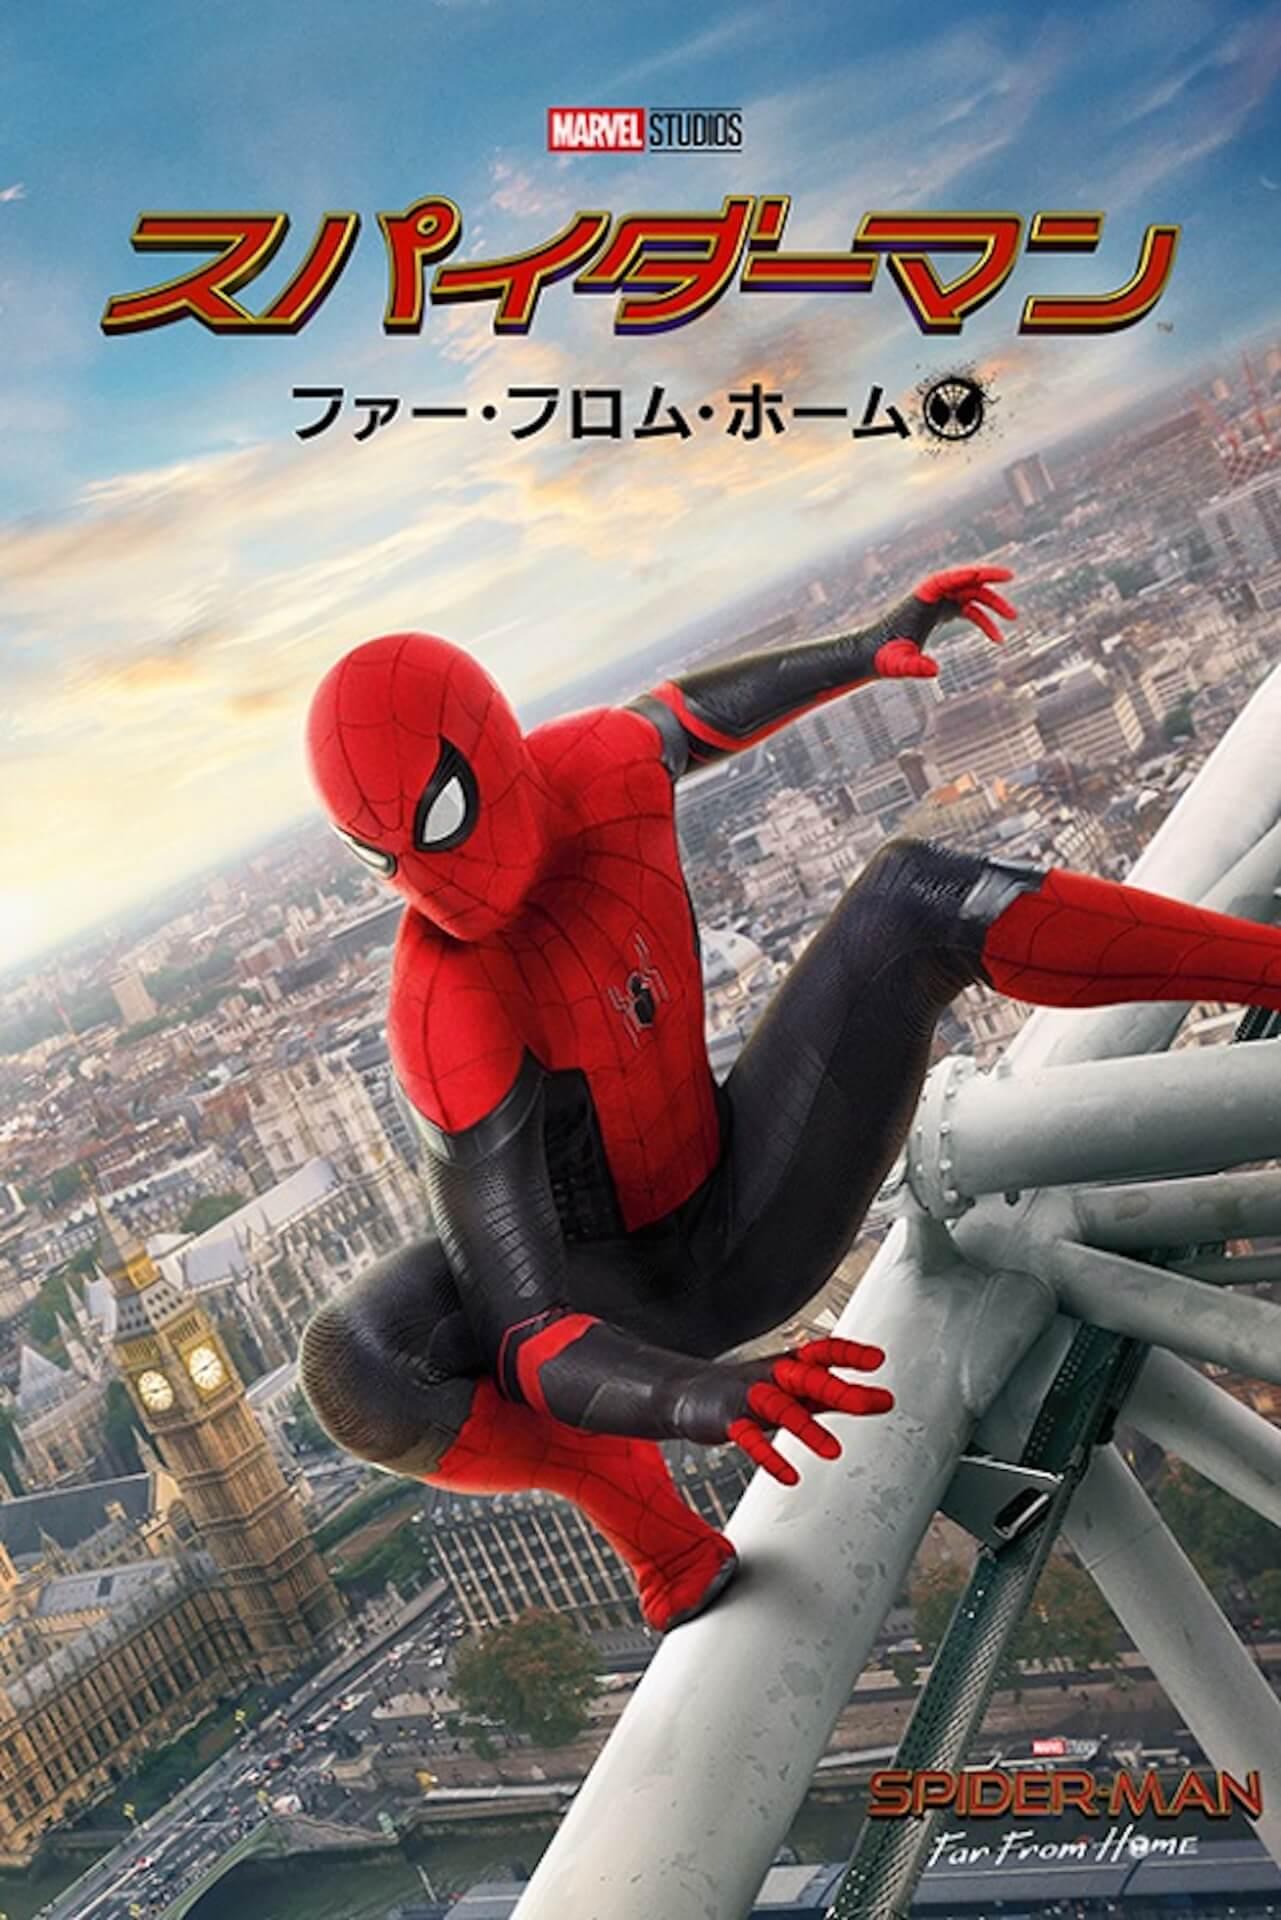 『スパイダーマン』シリーズの一部本編映像&NG映像も解禁!「スパイダーマン ファンウィーク」が本日より開催 flim210728_spiderman_7